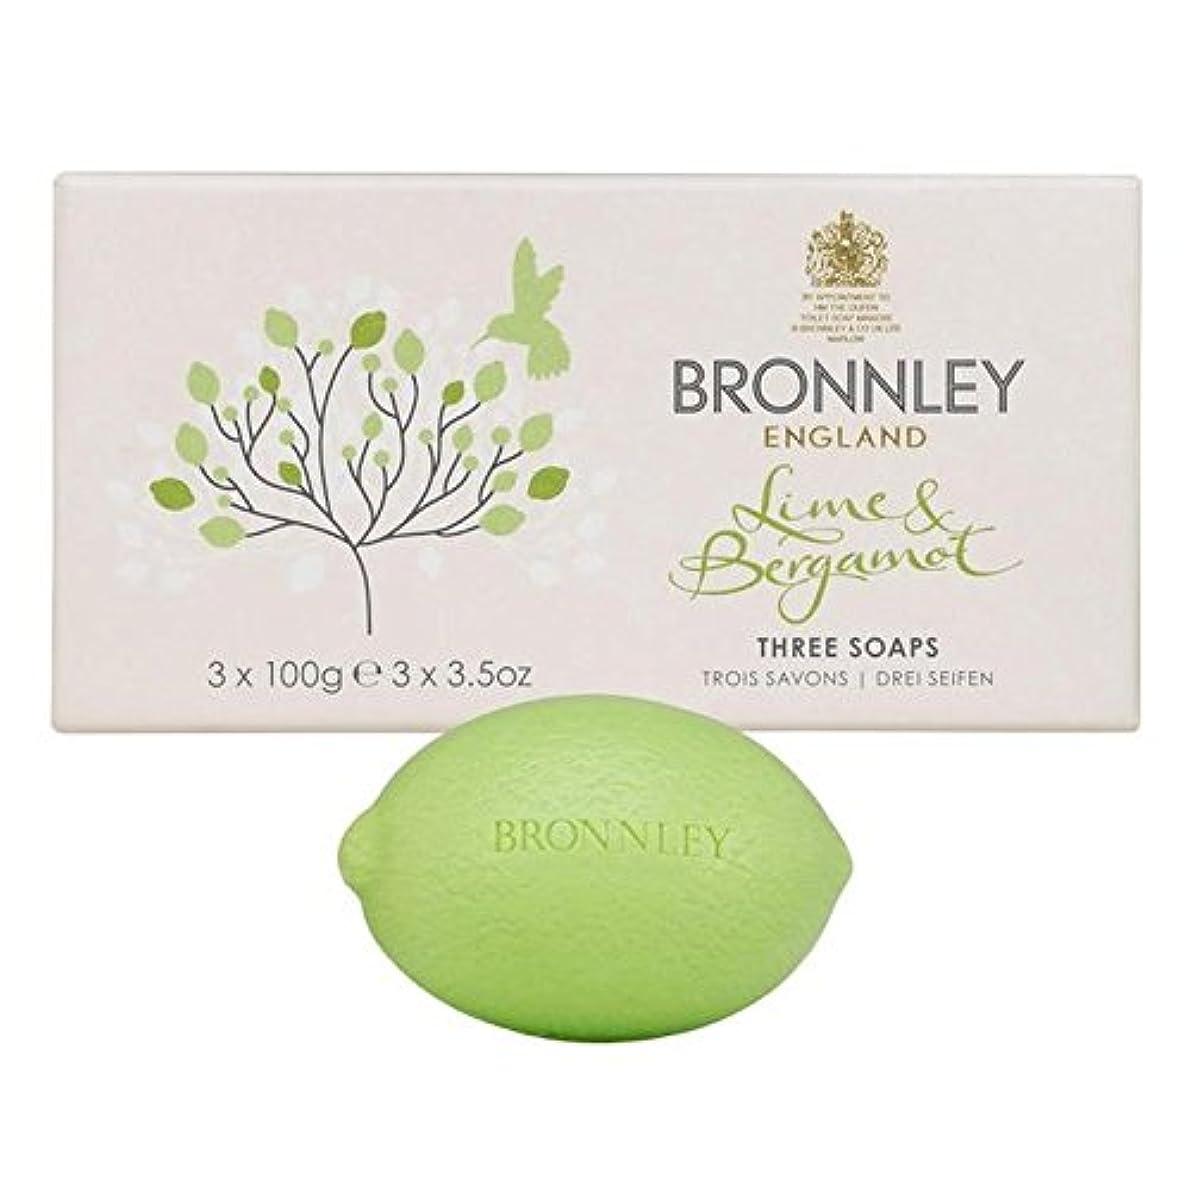 象レンダー広まったBronnley Lime & Bergamot Soap 3 x 100g (Pack of 6) - ライム&ベルガモット石鹸3×100グラム x6 [並行輸入品]